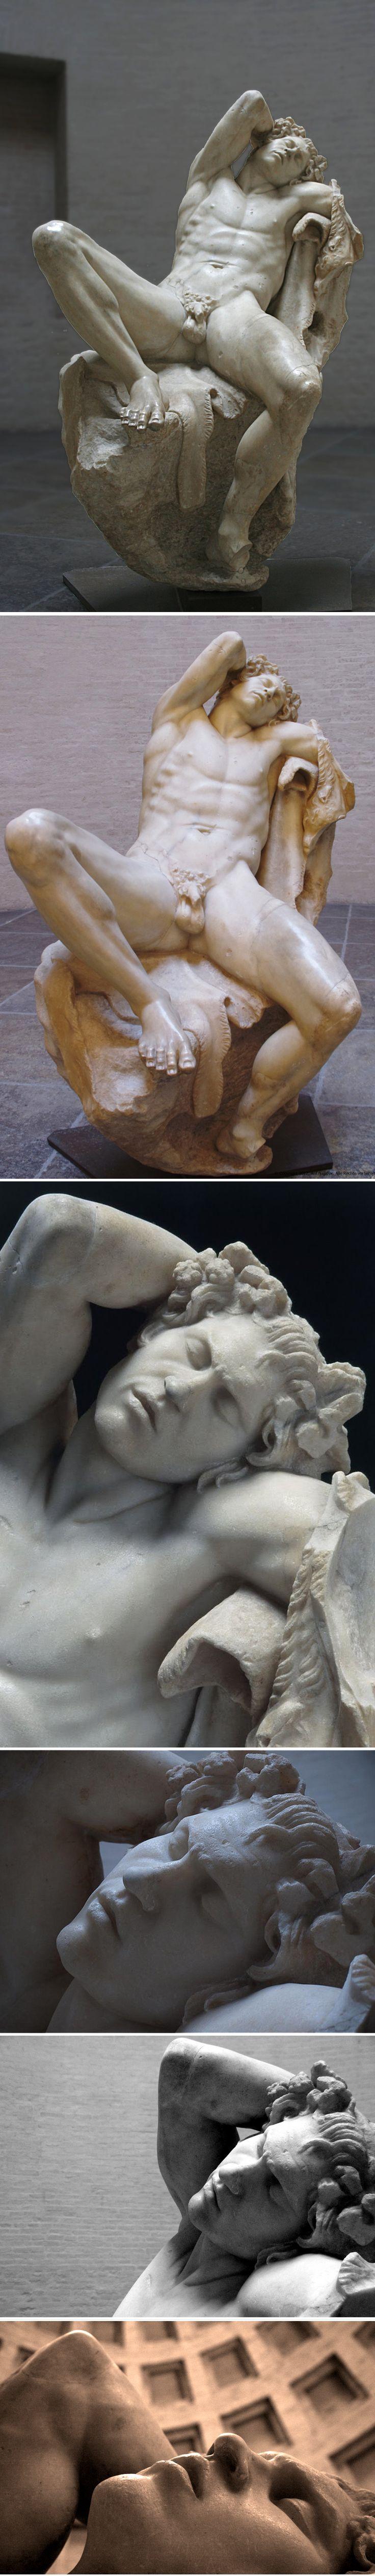 Fauno Barberini / Фавн Барберини или Пьяный сатир — мраморная статуя эллинистической эпохи, созданная неизвестным скульптором пергамской школы ок. 200 г. до н. э.